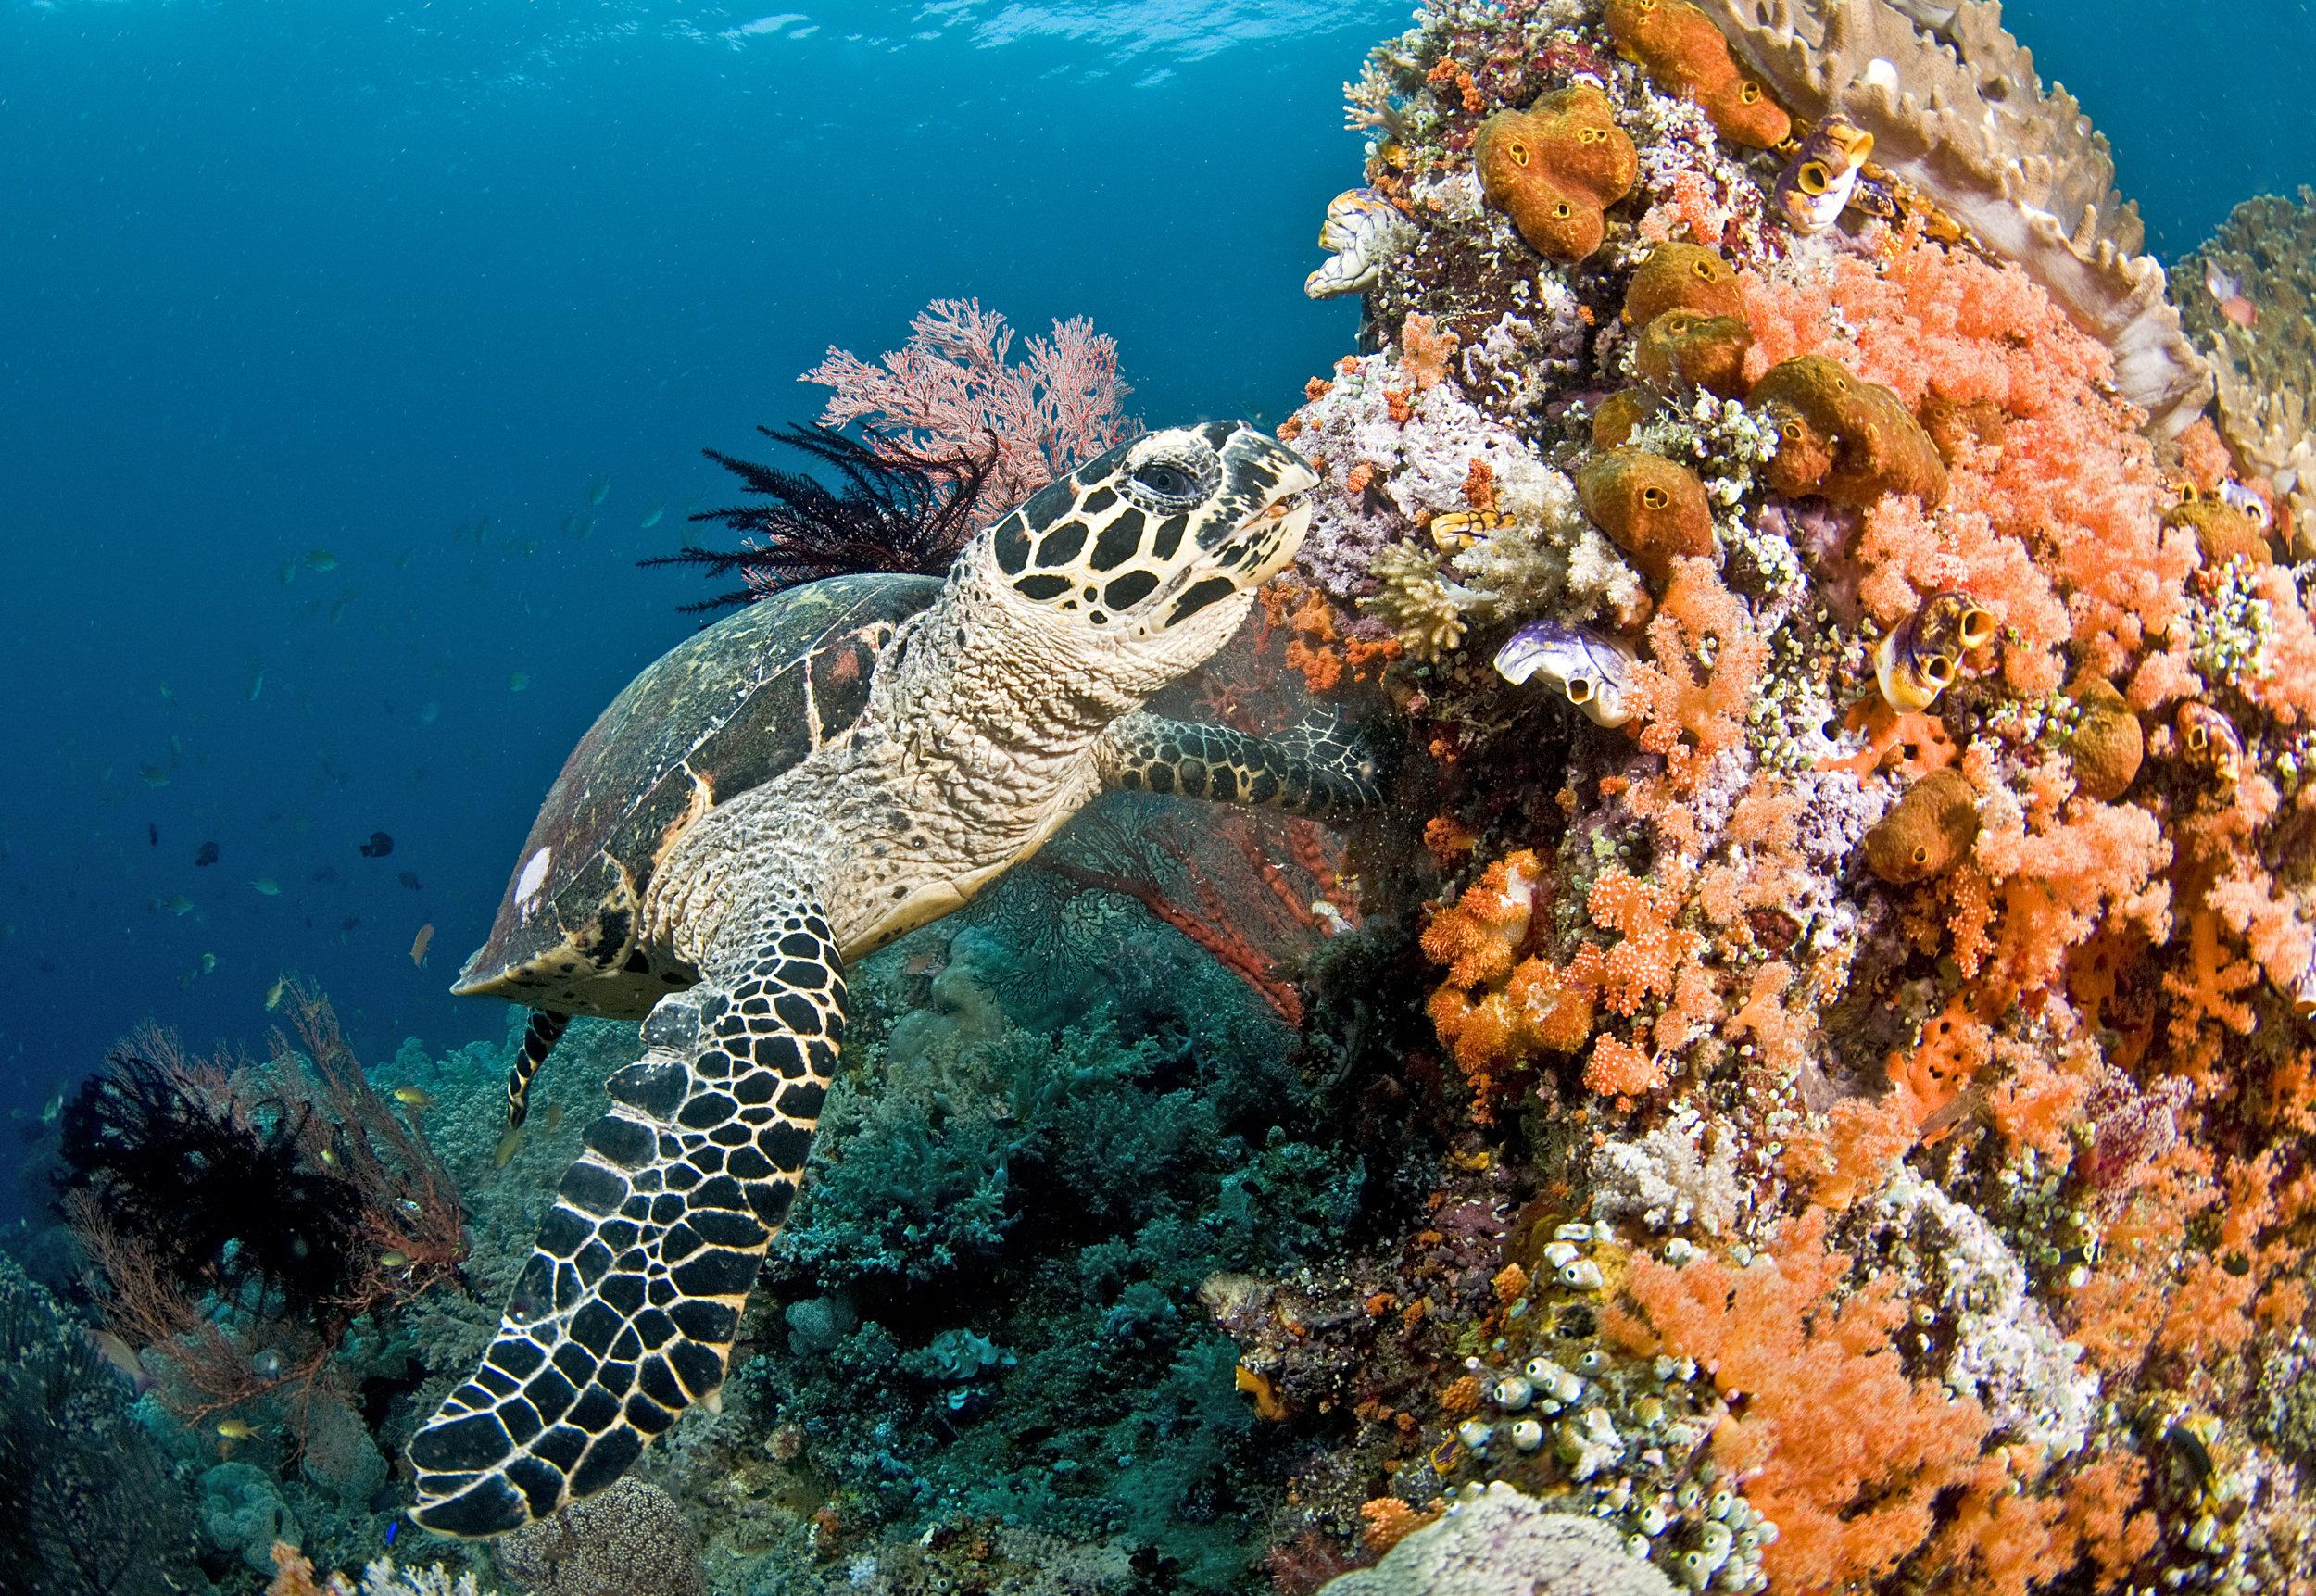 © Jayne Jenkins / Coral Reef Image Bank